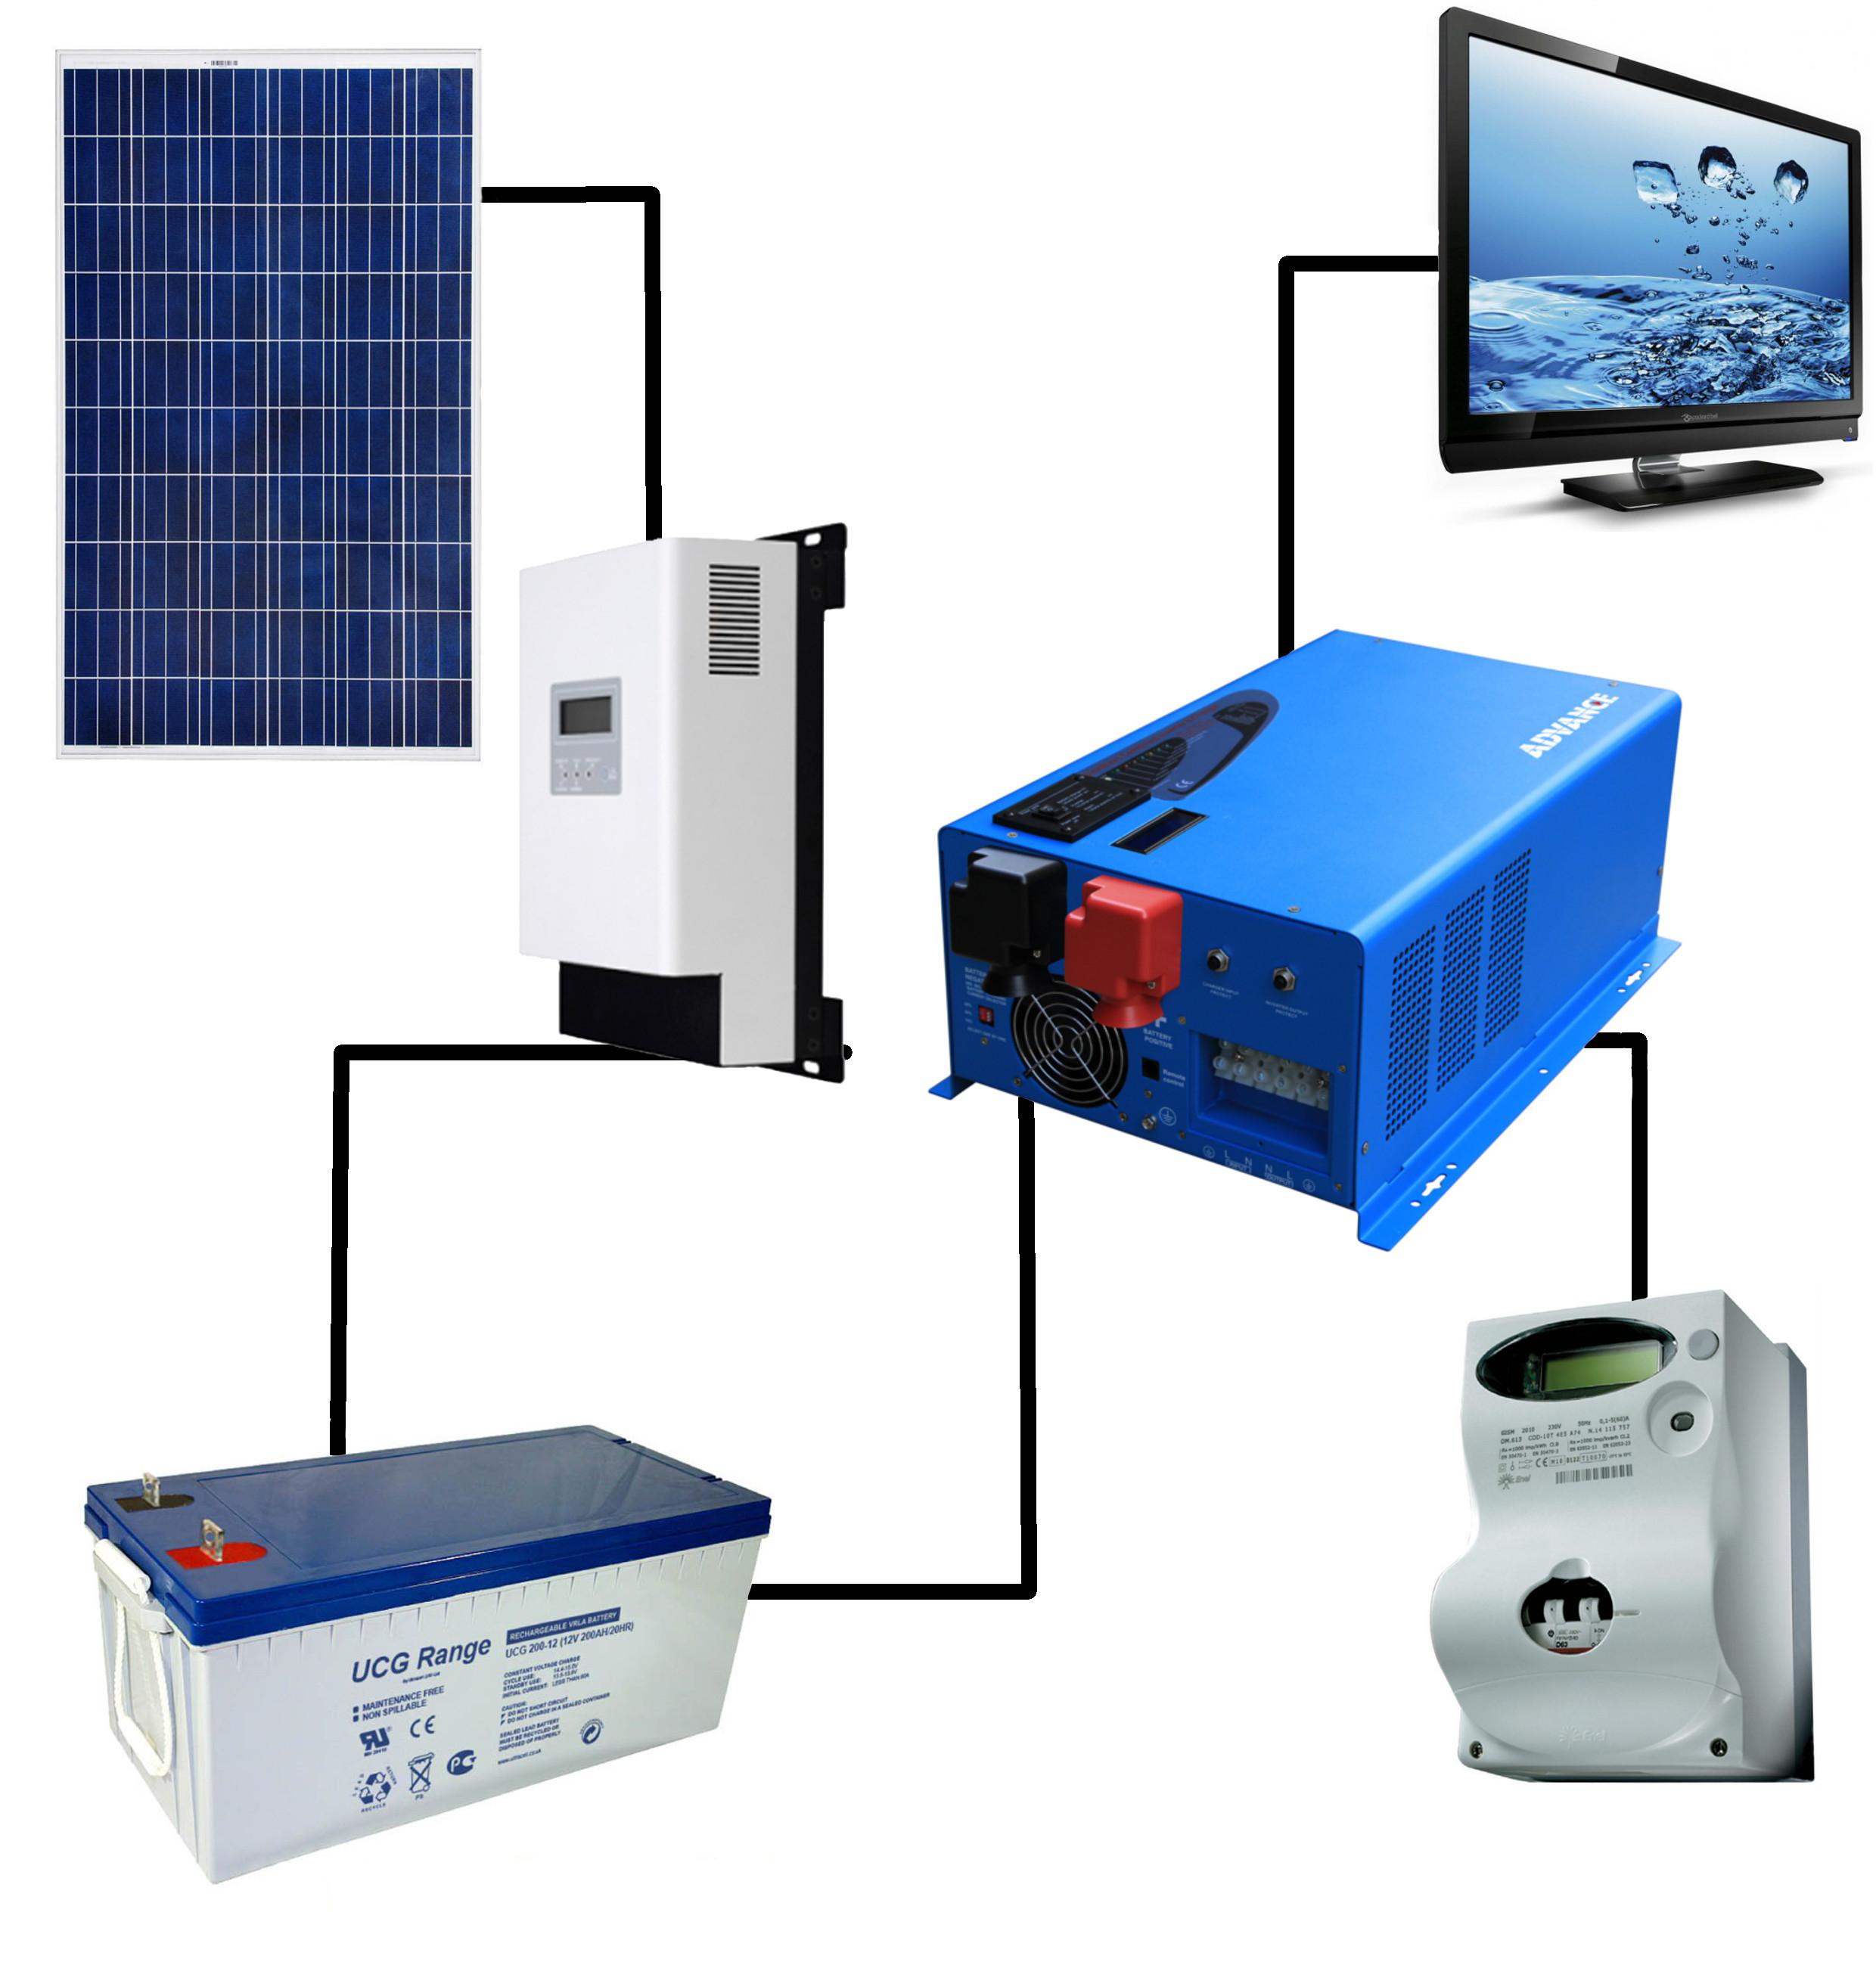 Schema di collegamento impianto fotovoltaico kit casa a isola da 3KWp